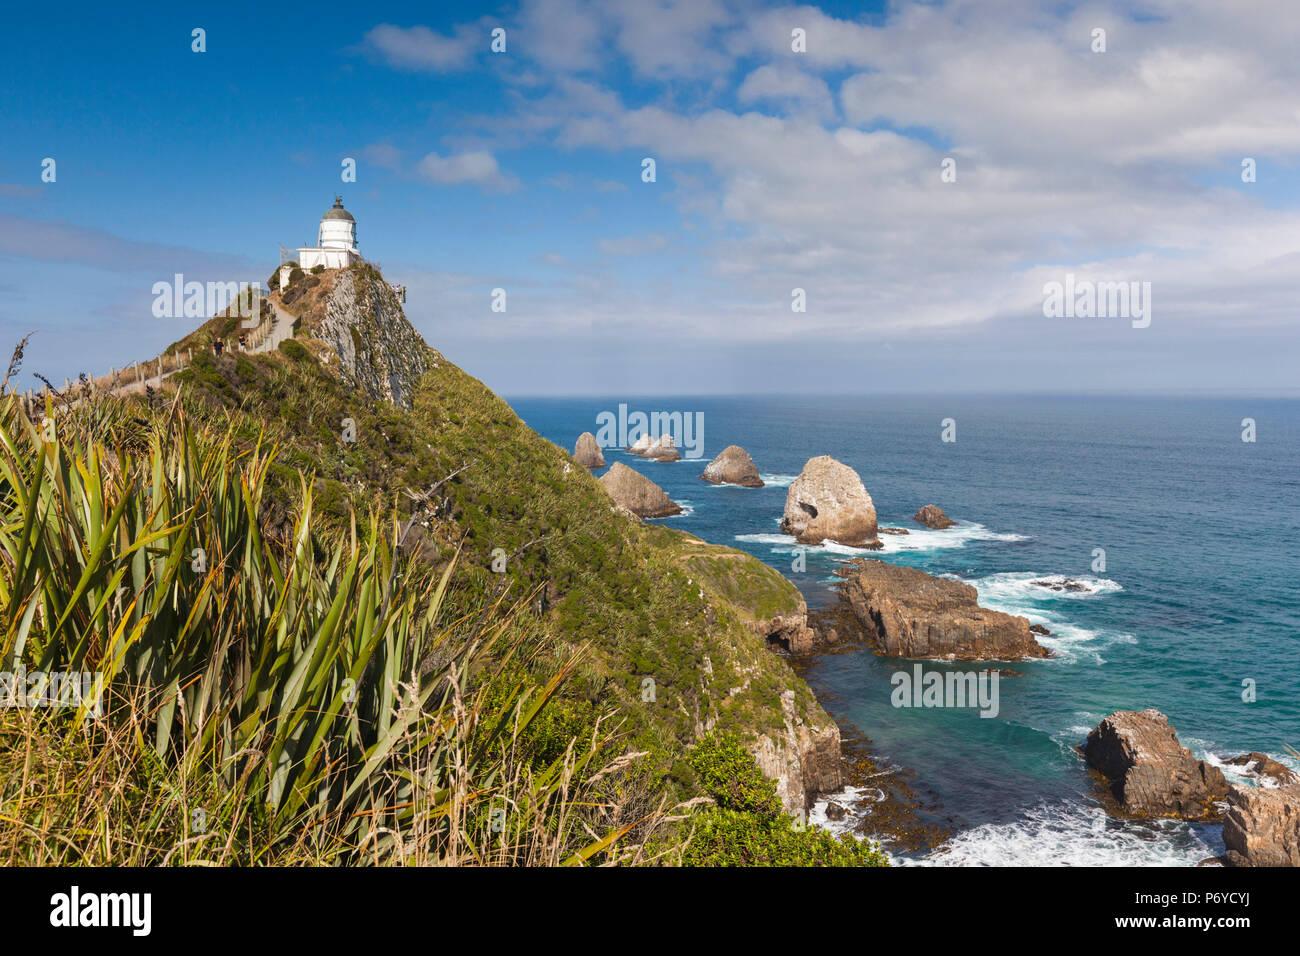 Nuova Zelanda, Isola del Sud, Southland, Il Catlins, Nugget Point, Nuggett Point LIghthouse, vista in elevazione Immagini Stock